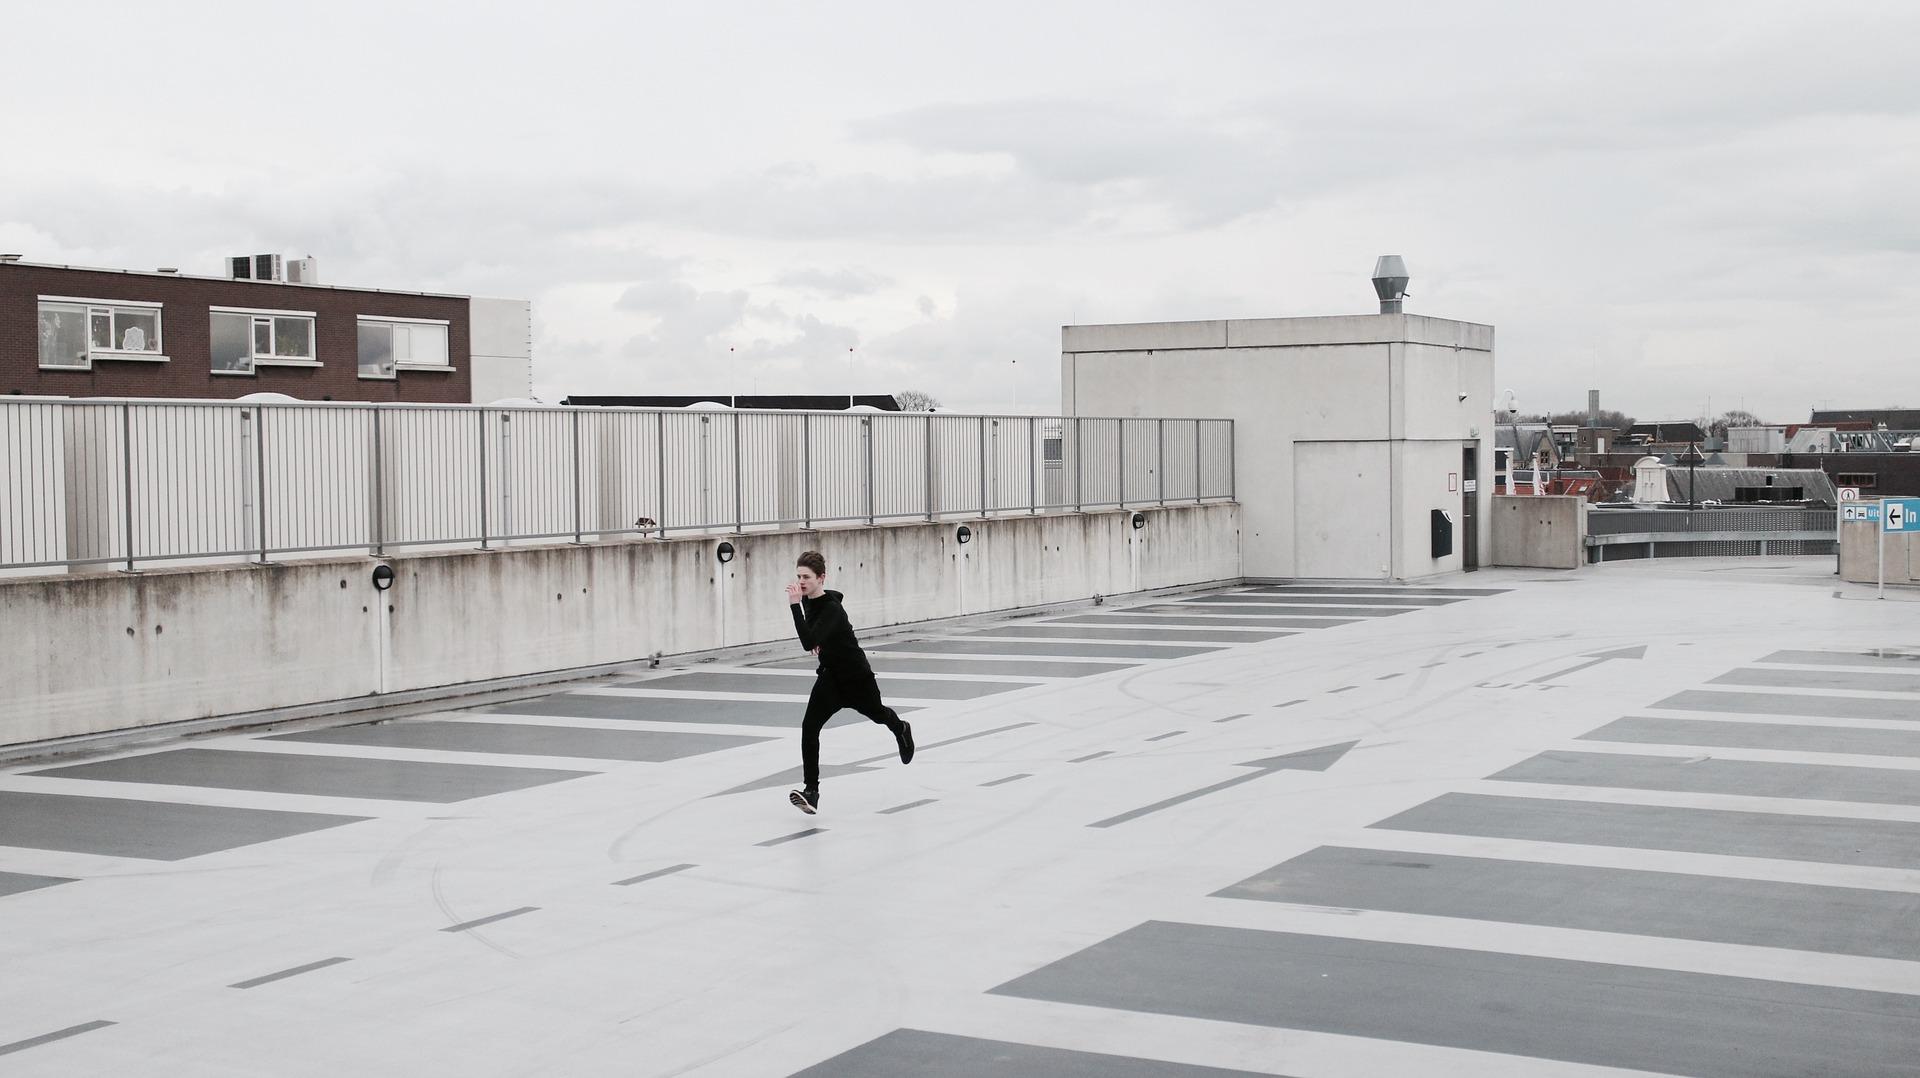 Lauftraining: So steigert Ihr eure Leistung | by Daniele Biffi